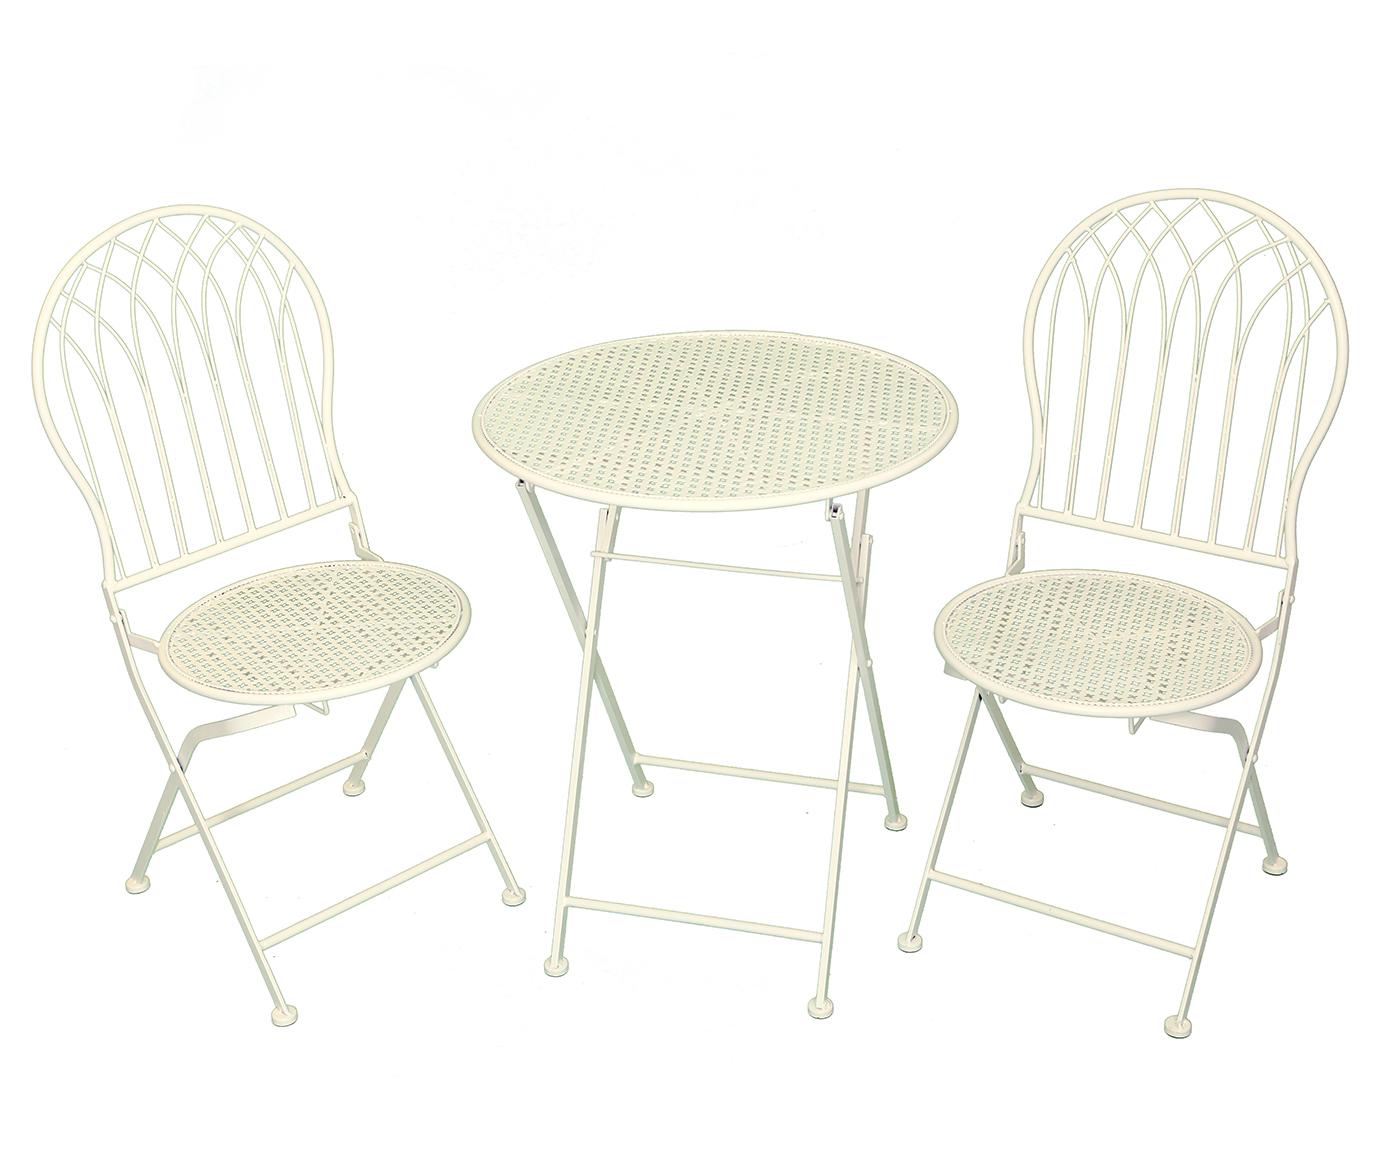 Комплект стол и стулья (2шт. )Комплекты уличной мебели<br>Стол ?60x70 см, стулья ?40x43x95 см.<br><br>Material: Металл<br>Ширина см: 60.0<br>Высота см: 95.0<br>Глубина см: 70.0